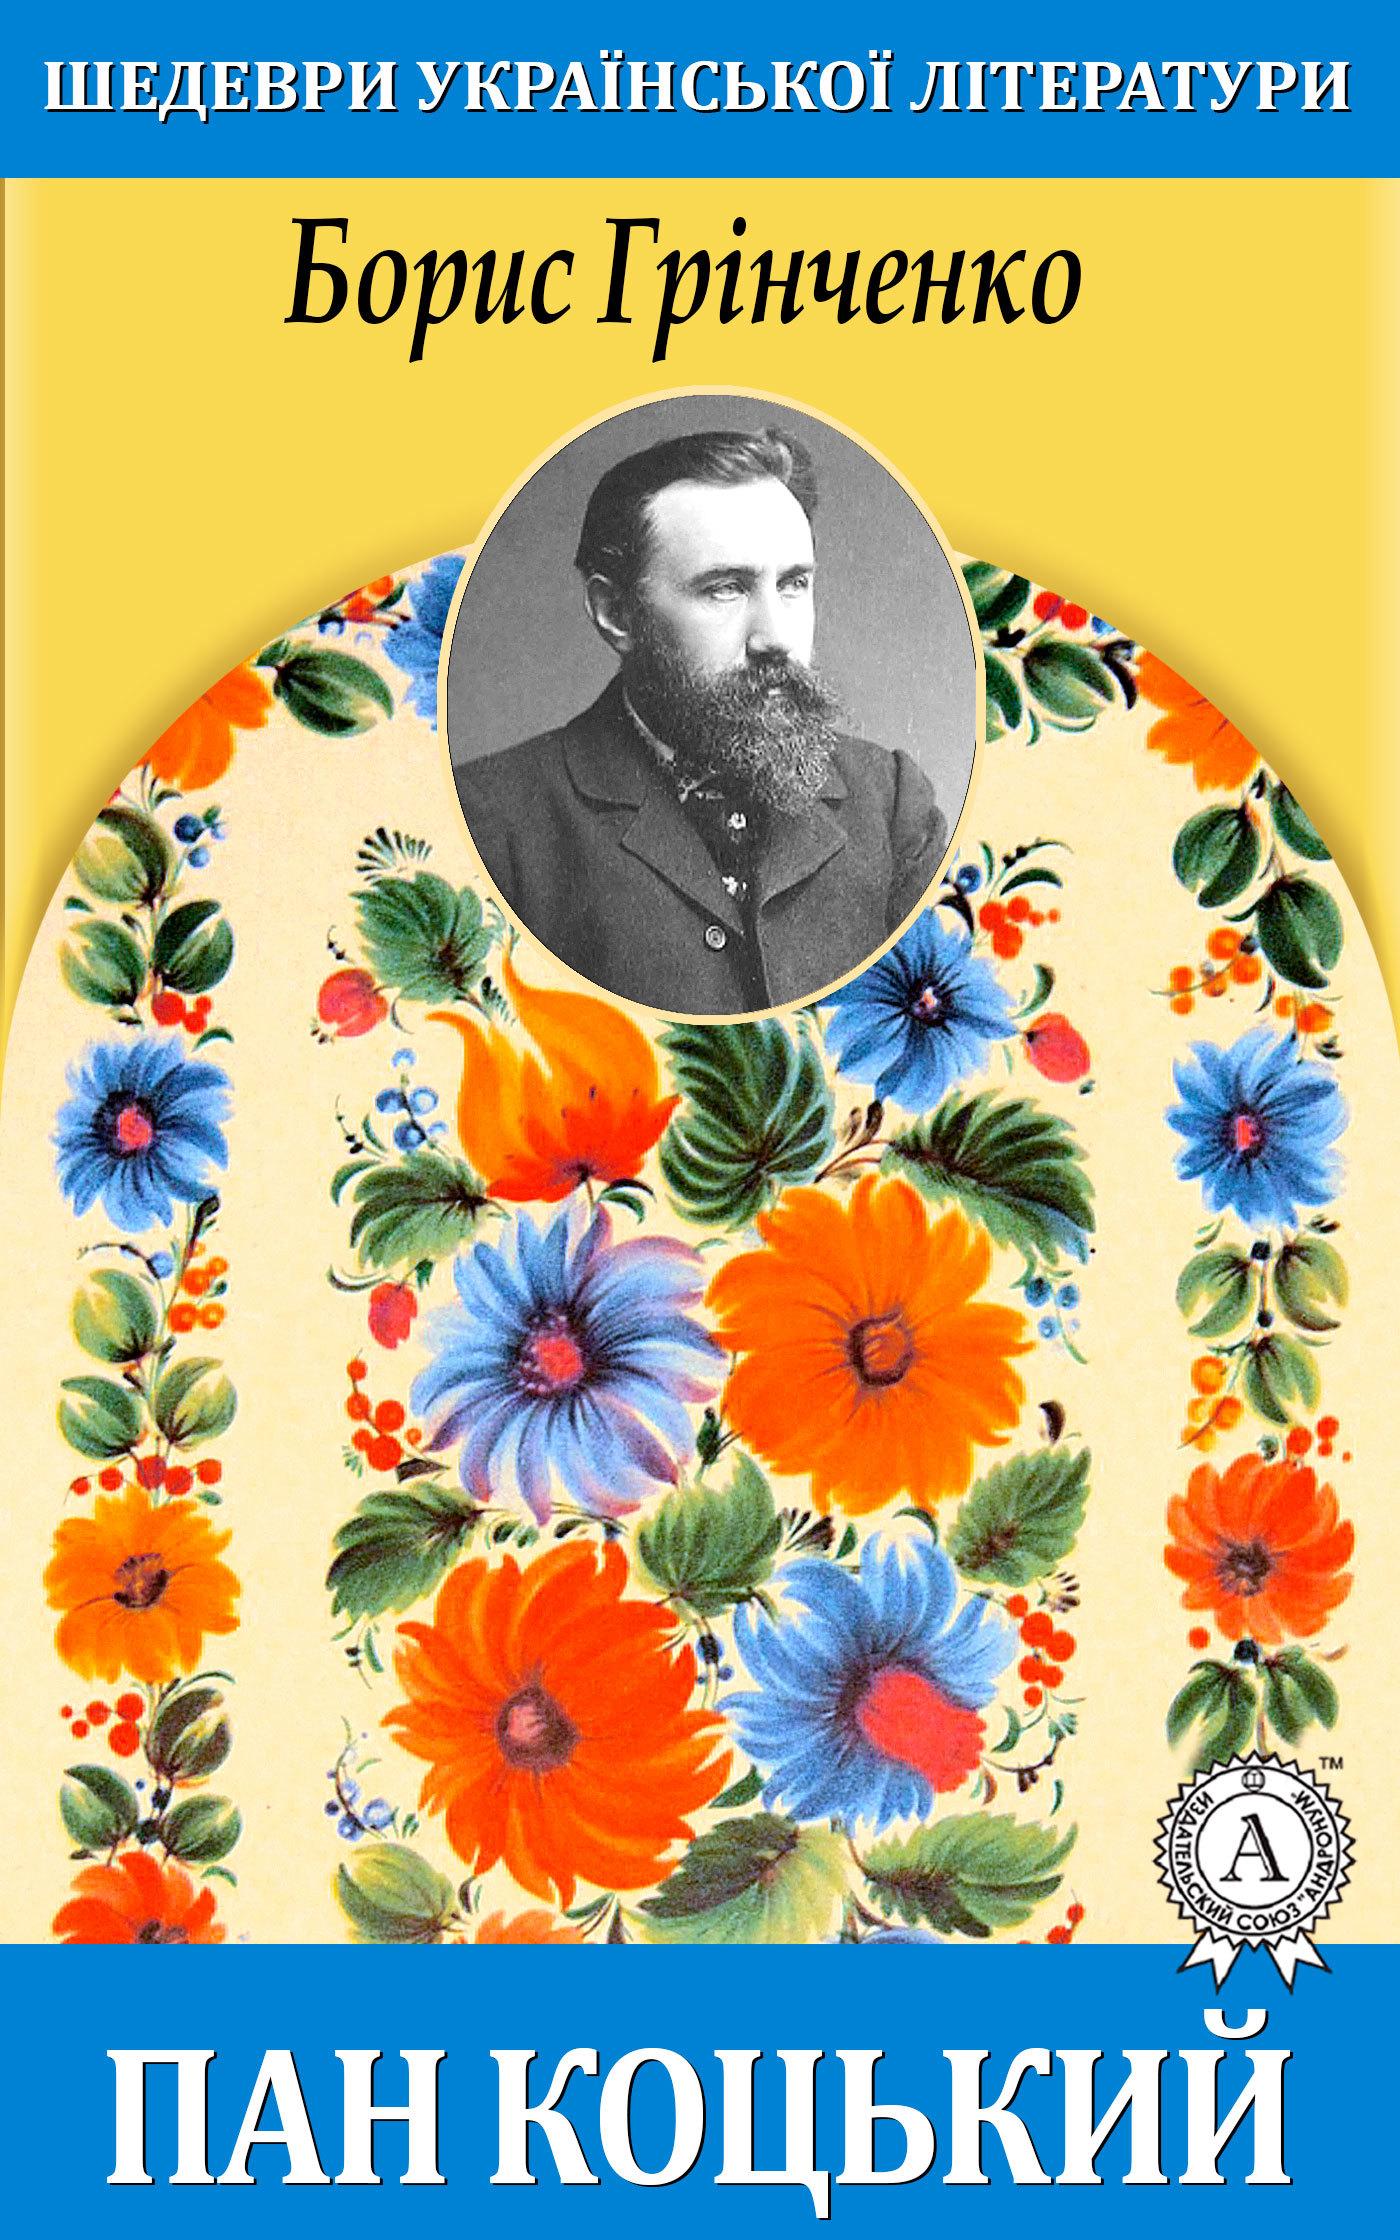 Борис Грнченко